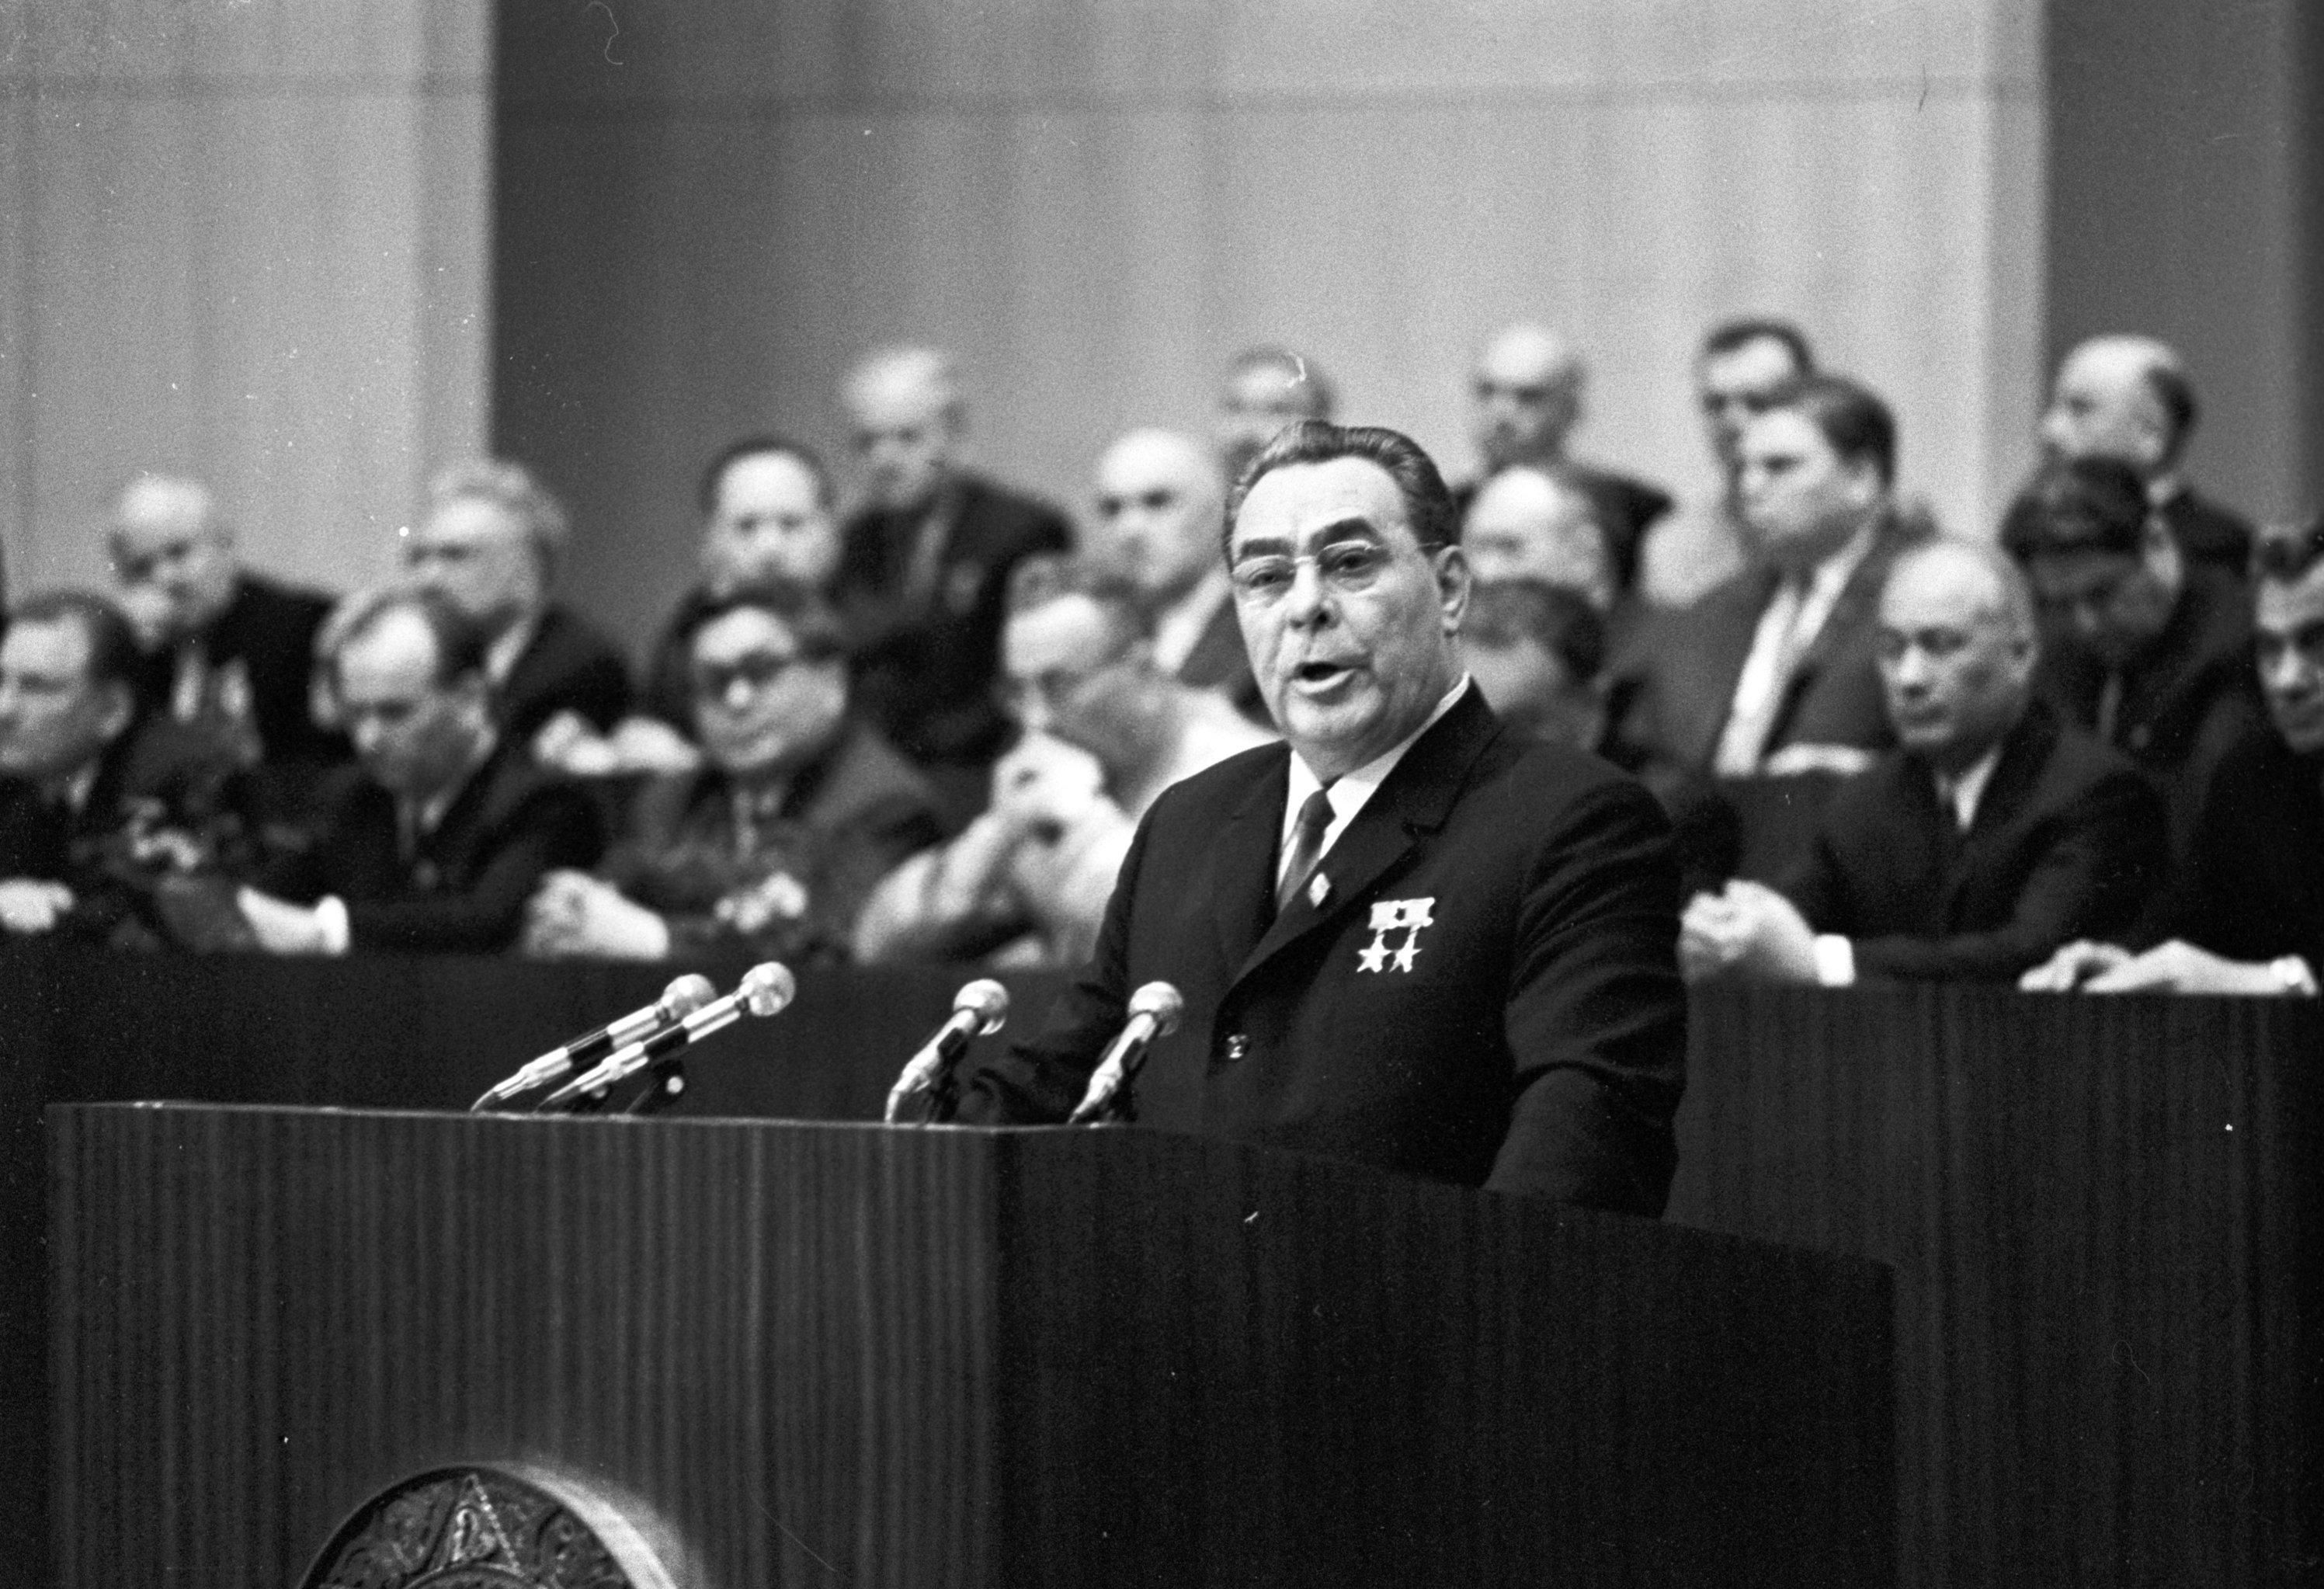 Генеральный секретарь ЦК КПСС Леонид Ильич Брежнев, прибывший в Тбилиси на празднование 50-летия Грузинской ССР и компартии Грузии, выступает перед коммунистами